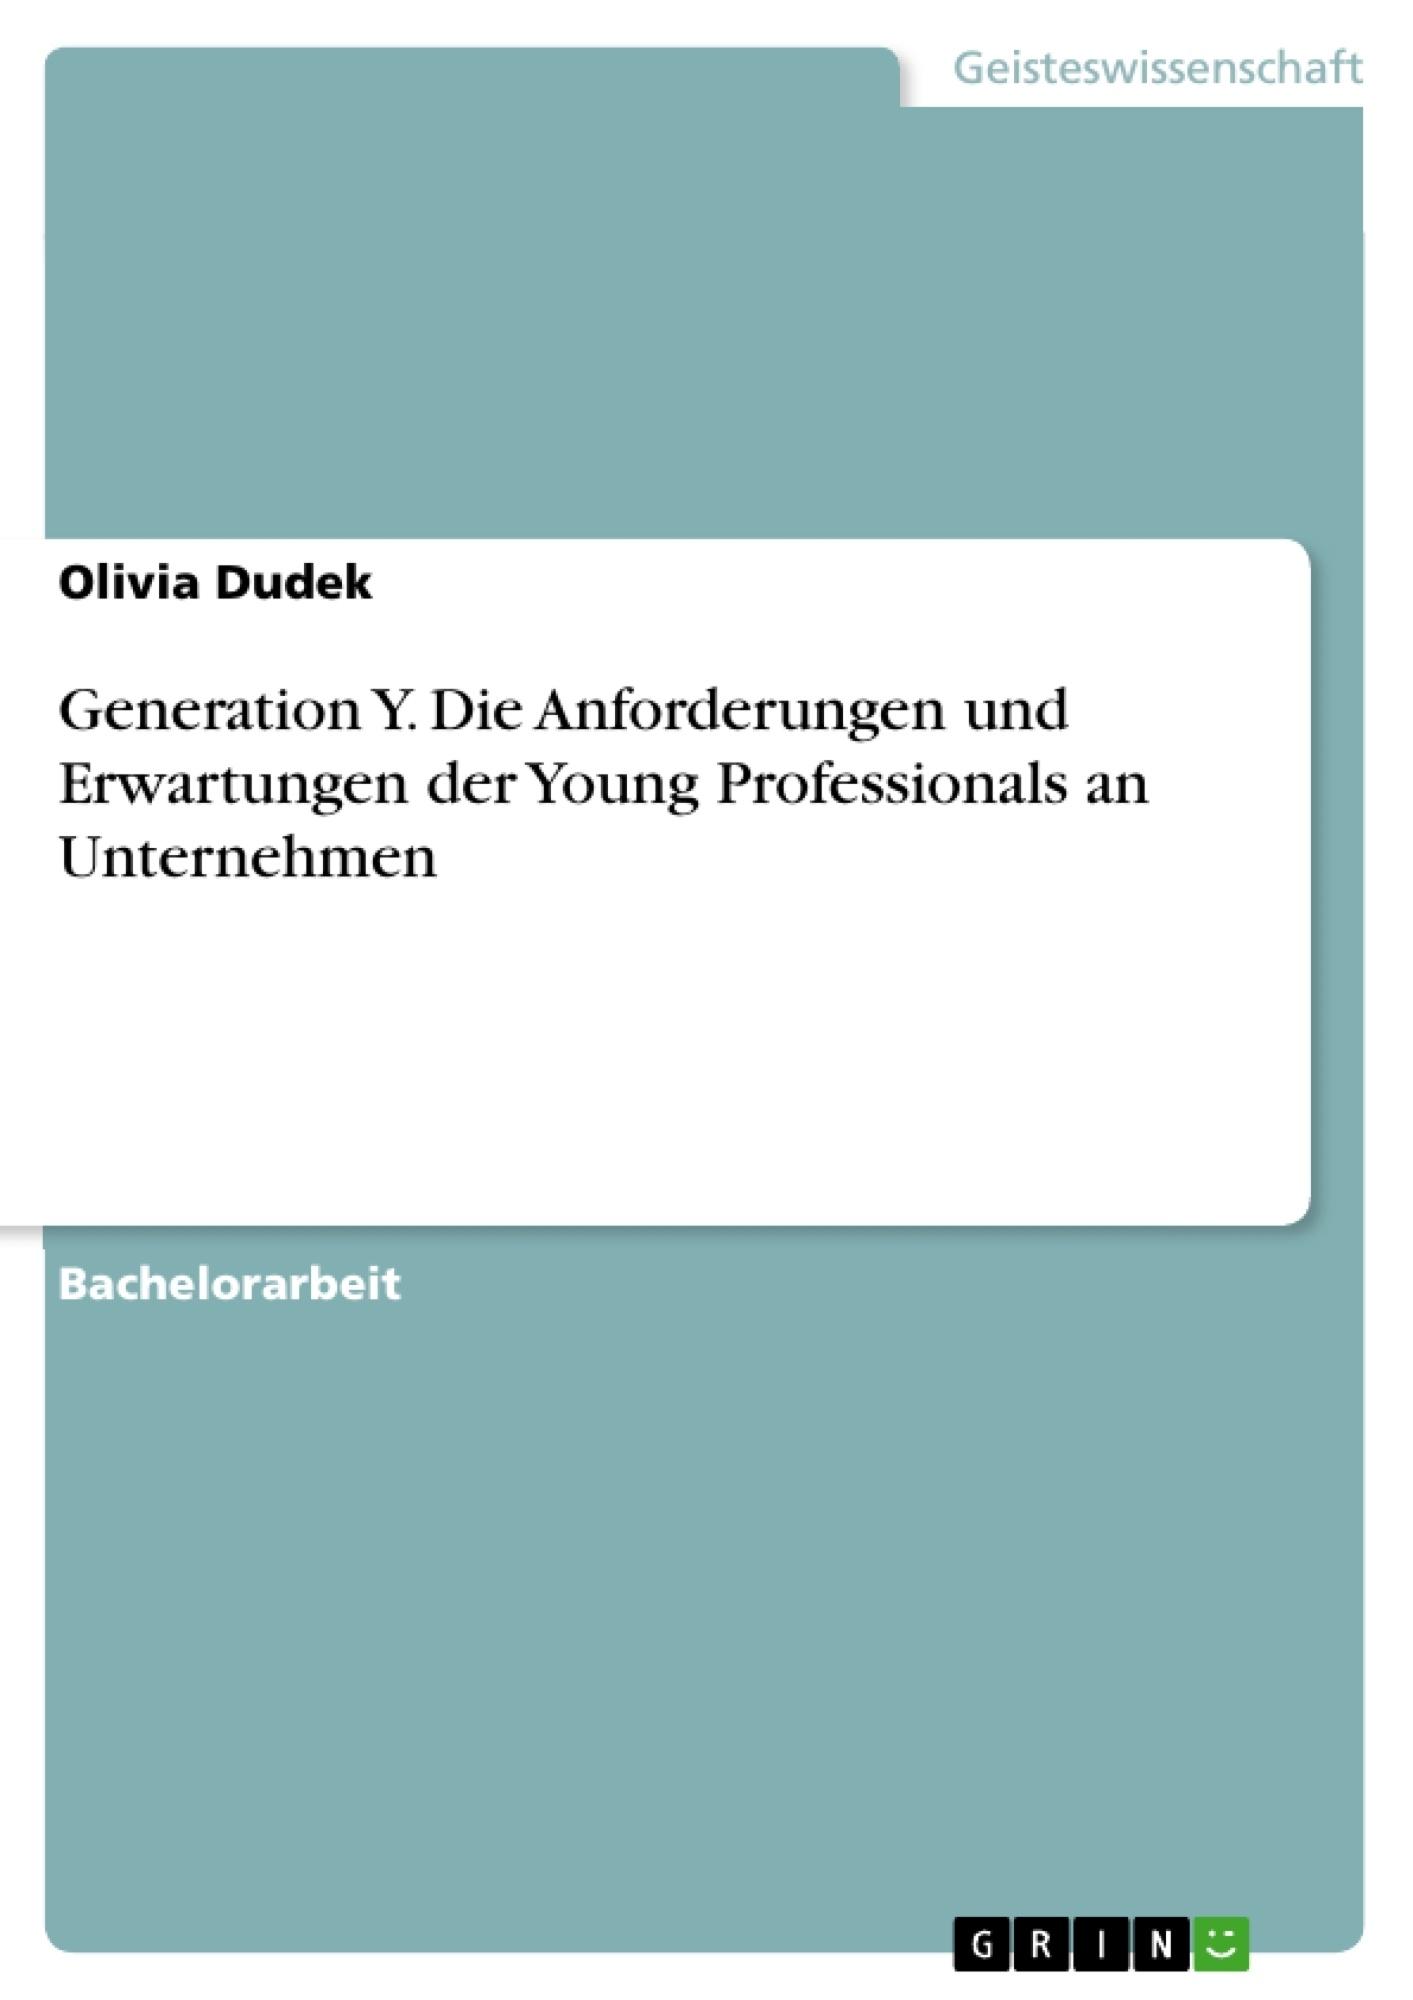 Titel: Generation Y. Die Anforderungen und Erwartungen der Young Professionals an Unternehmen